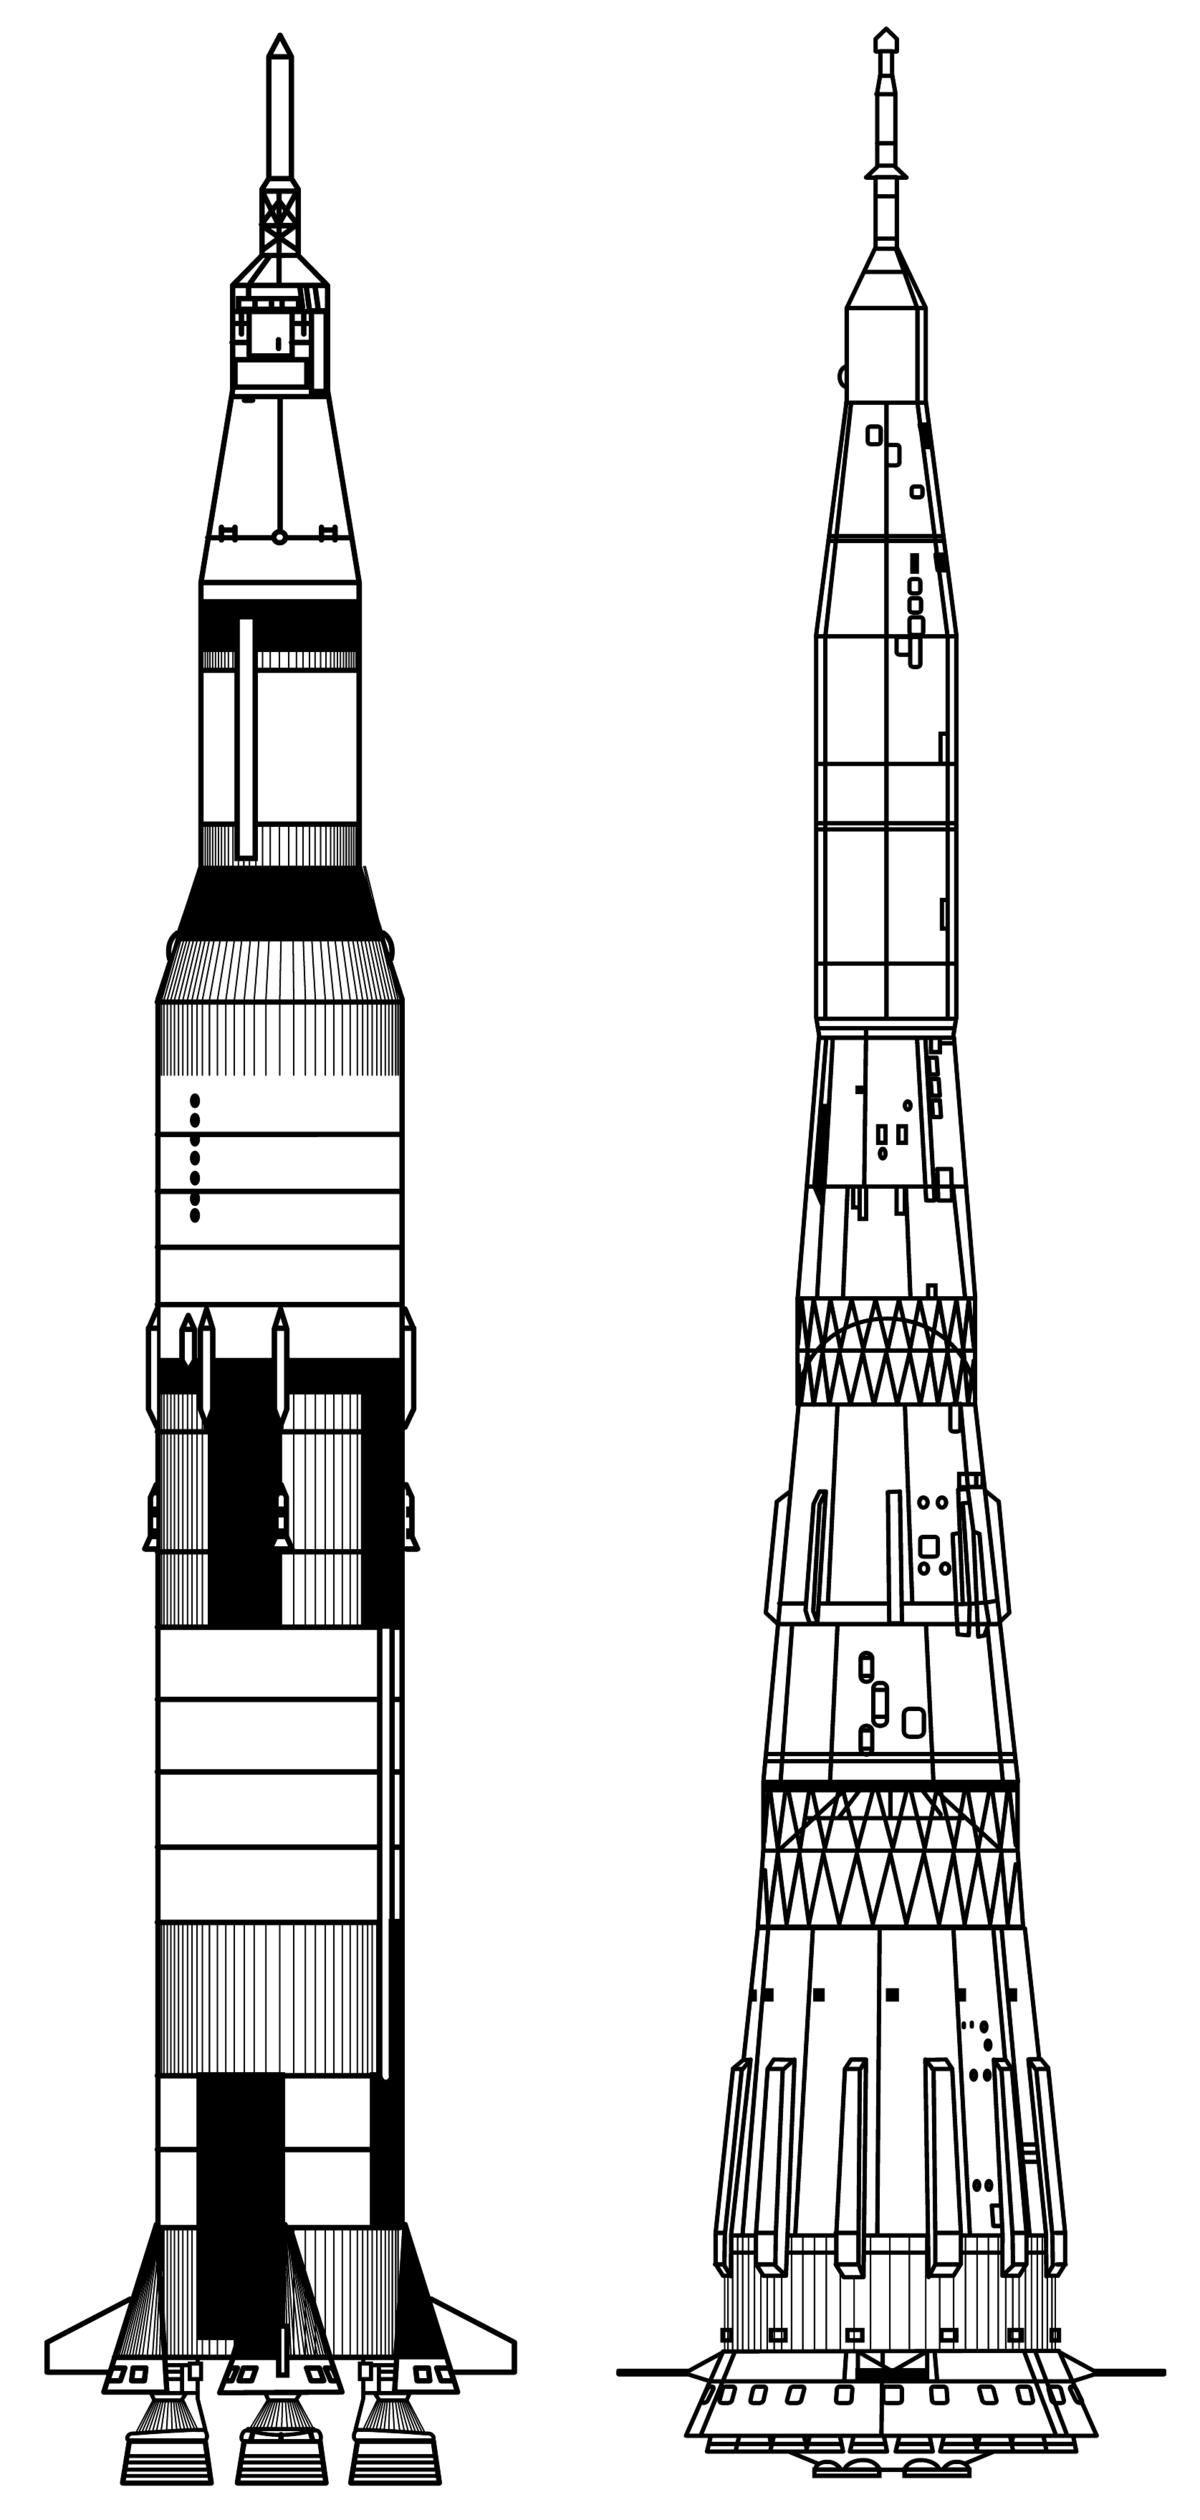 N 1 cohete wikipedia la enciclopedia libre for Blueprint scale